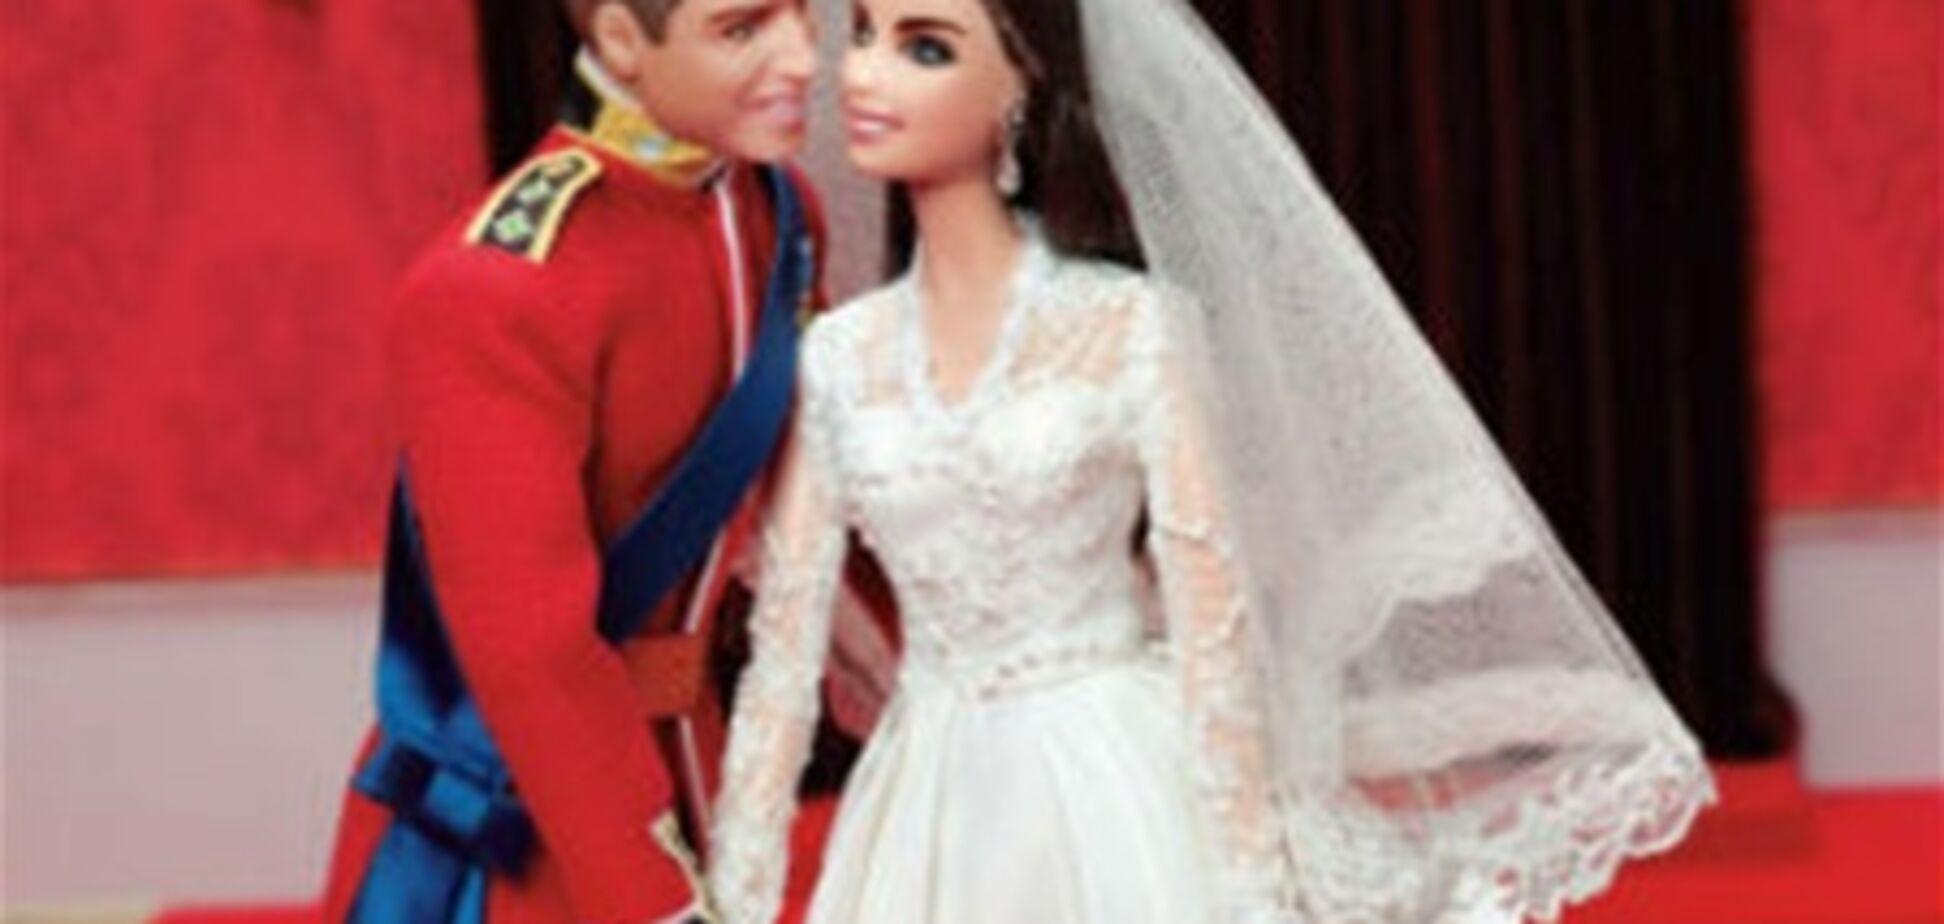 Жителям Великобритании разрешили жениться круглосуточно